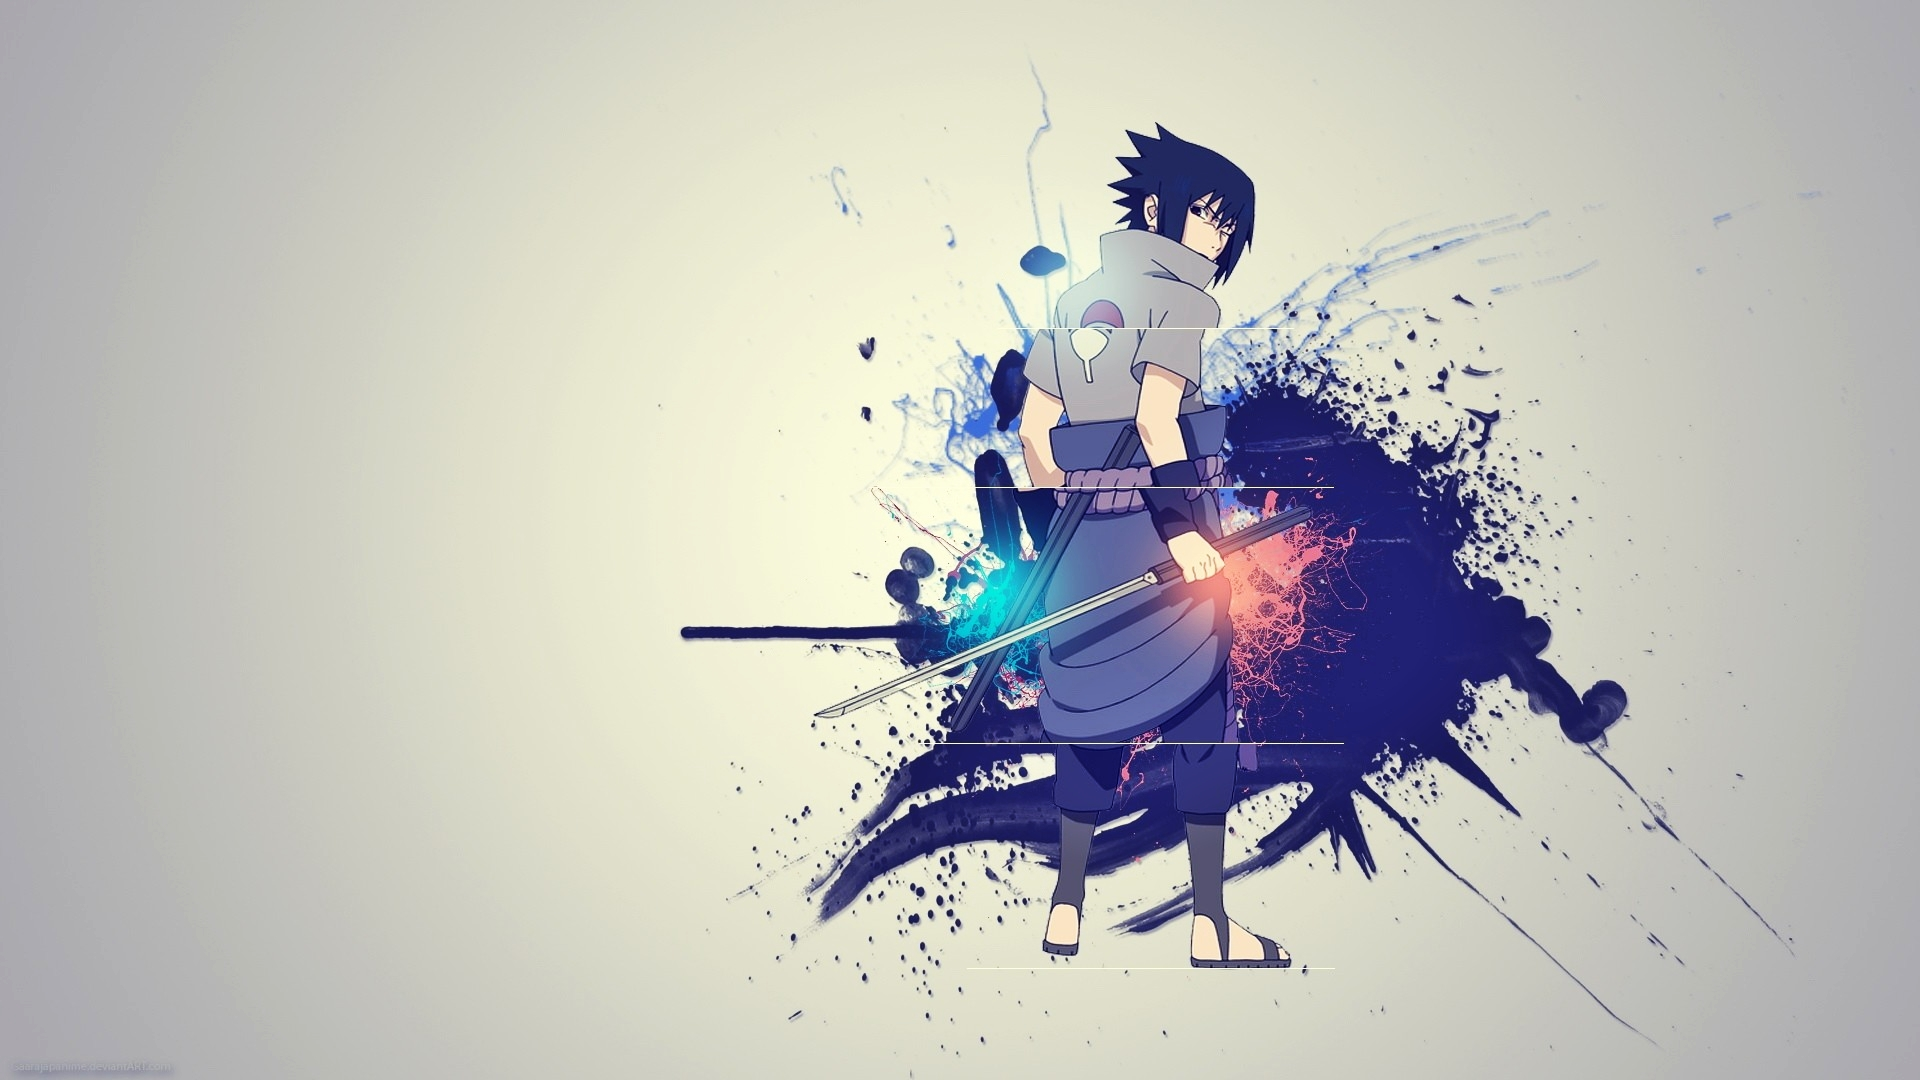 Naruto Wallpapers Hd Anime Wallpapers19